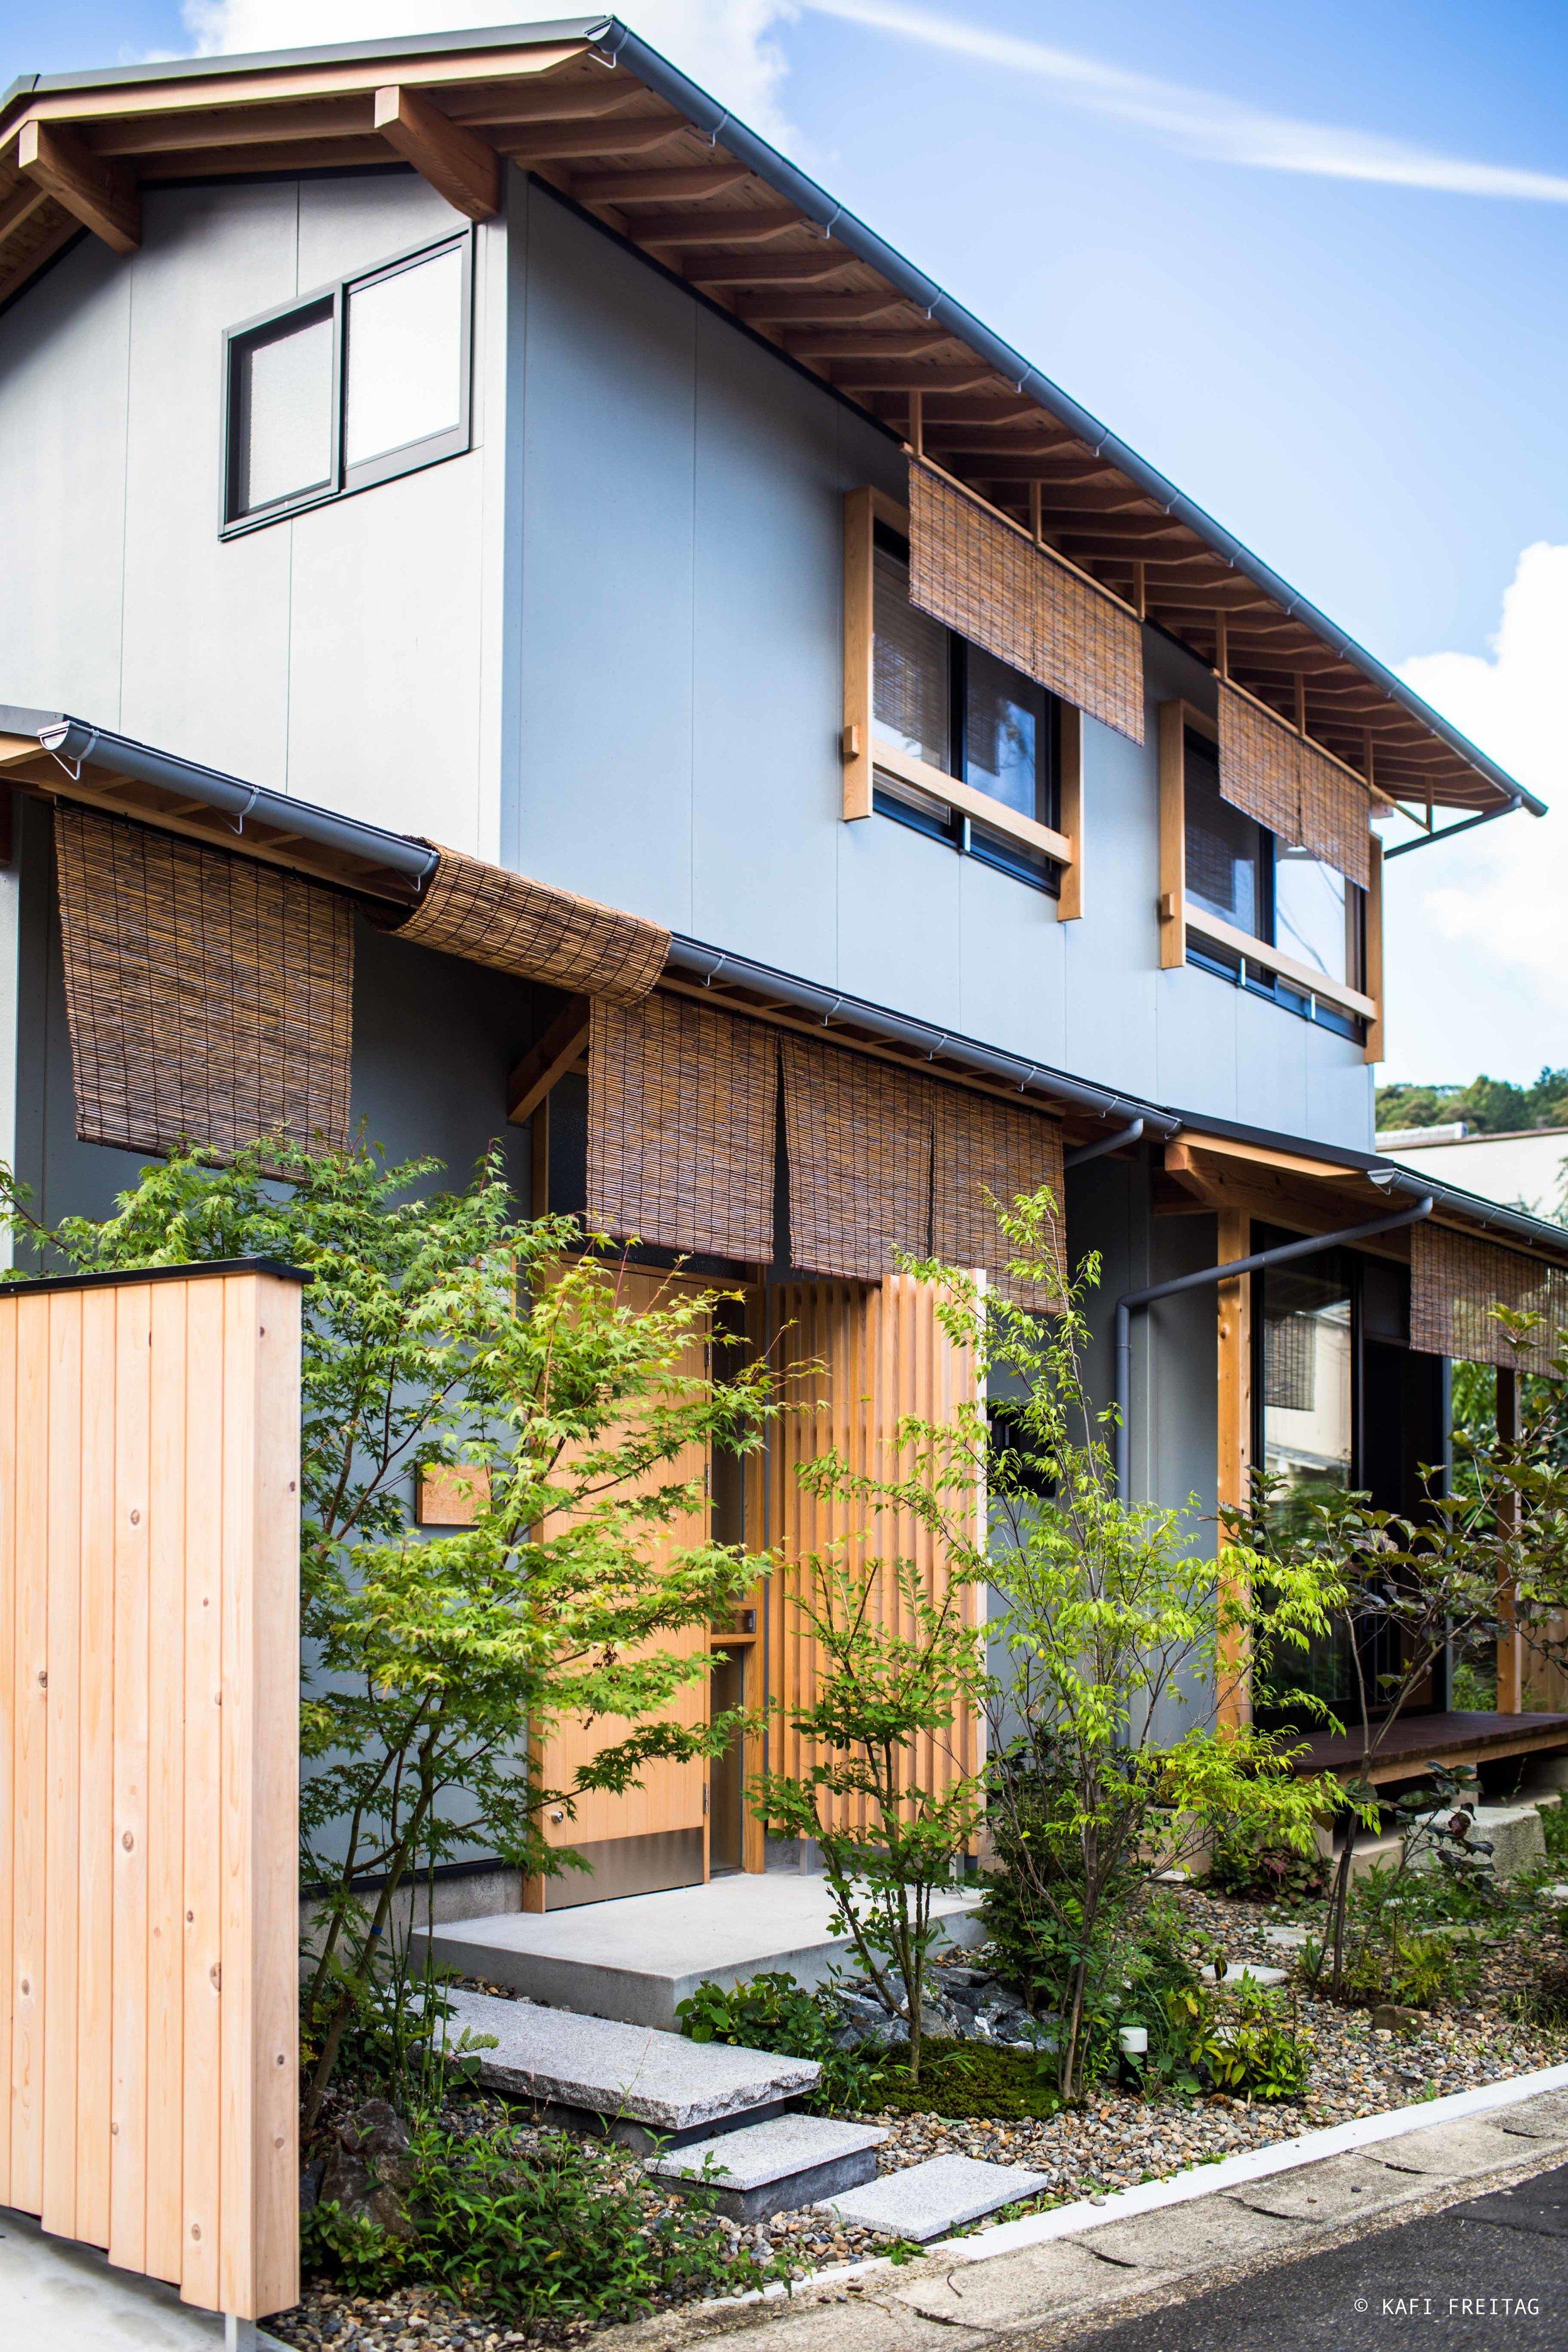 Freistehendes geräumiges Airbnb Häuschen in Kyoto.